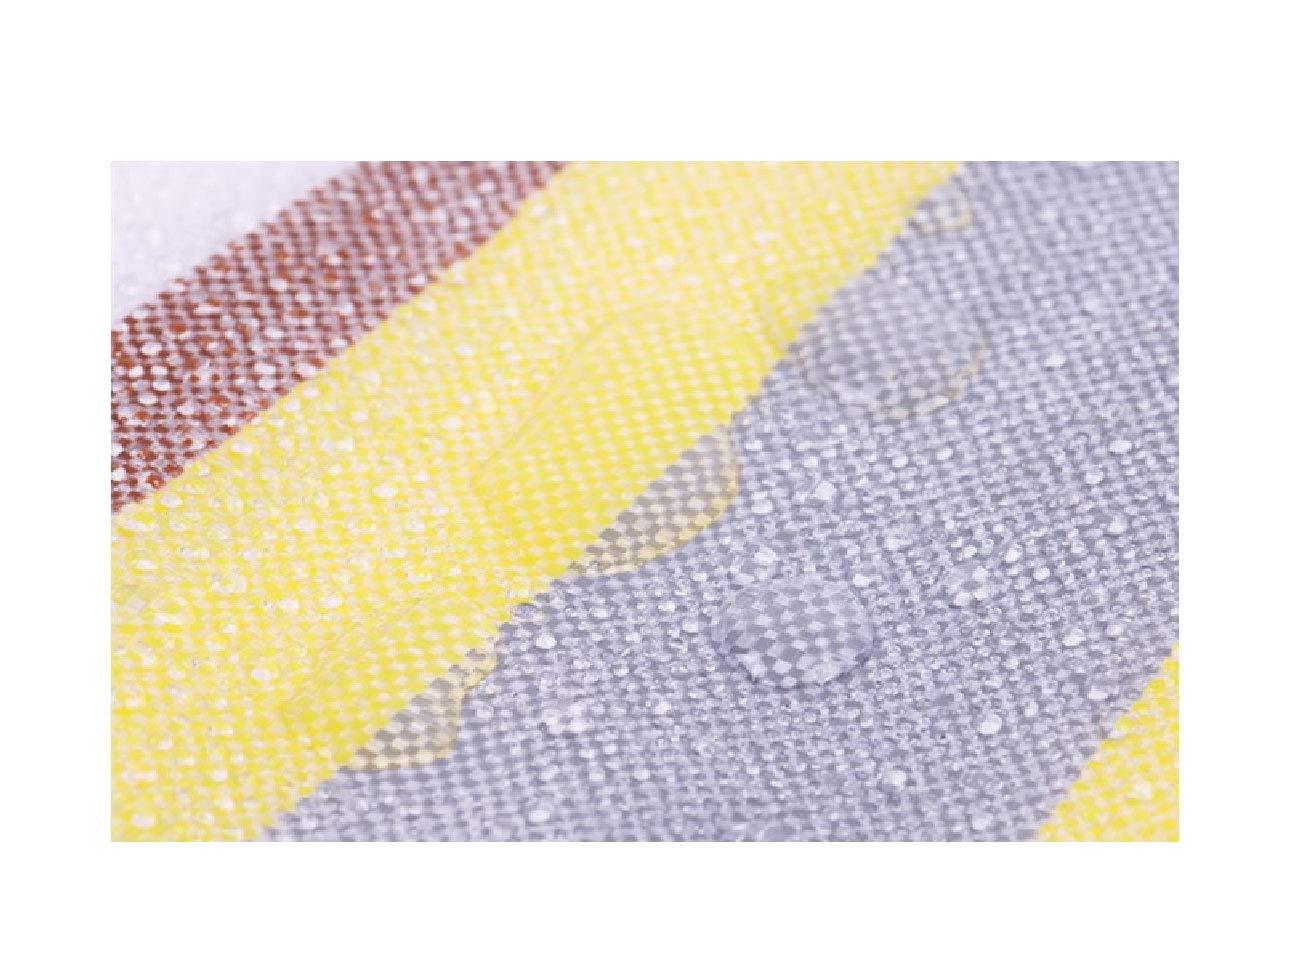 Ertrtyfgh Verdickungs-LKW-Sonnenschutzmittelregenstoff-Segeltuchfarbstreifen-Tuchschattenregenisolierungskabinendachplane des Wassers imprägniern imprägniern imprägniern Mehrgrößenoptionen im Freien (größe   6  6m) B07J9ZHQHN Wurfzelte Mach dir keine  02e6bc